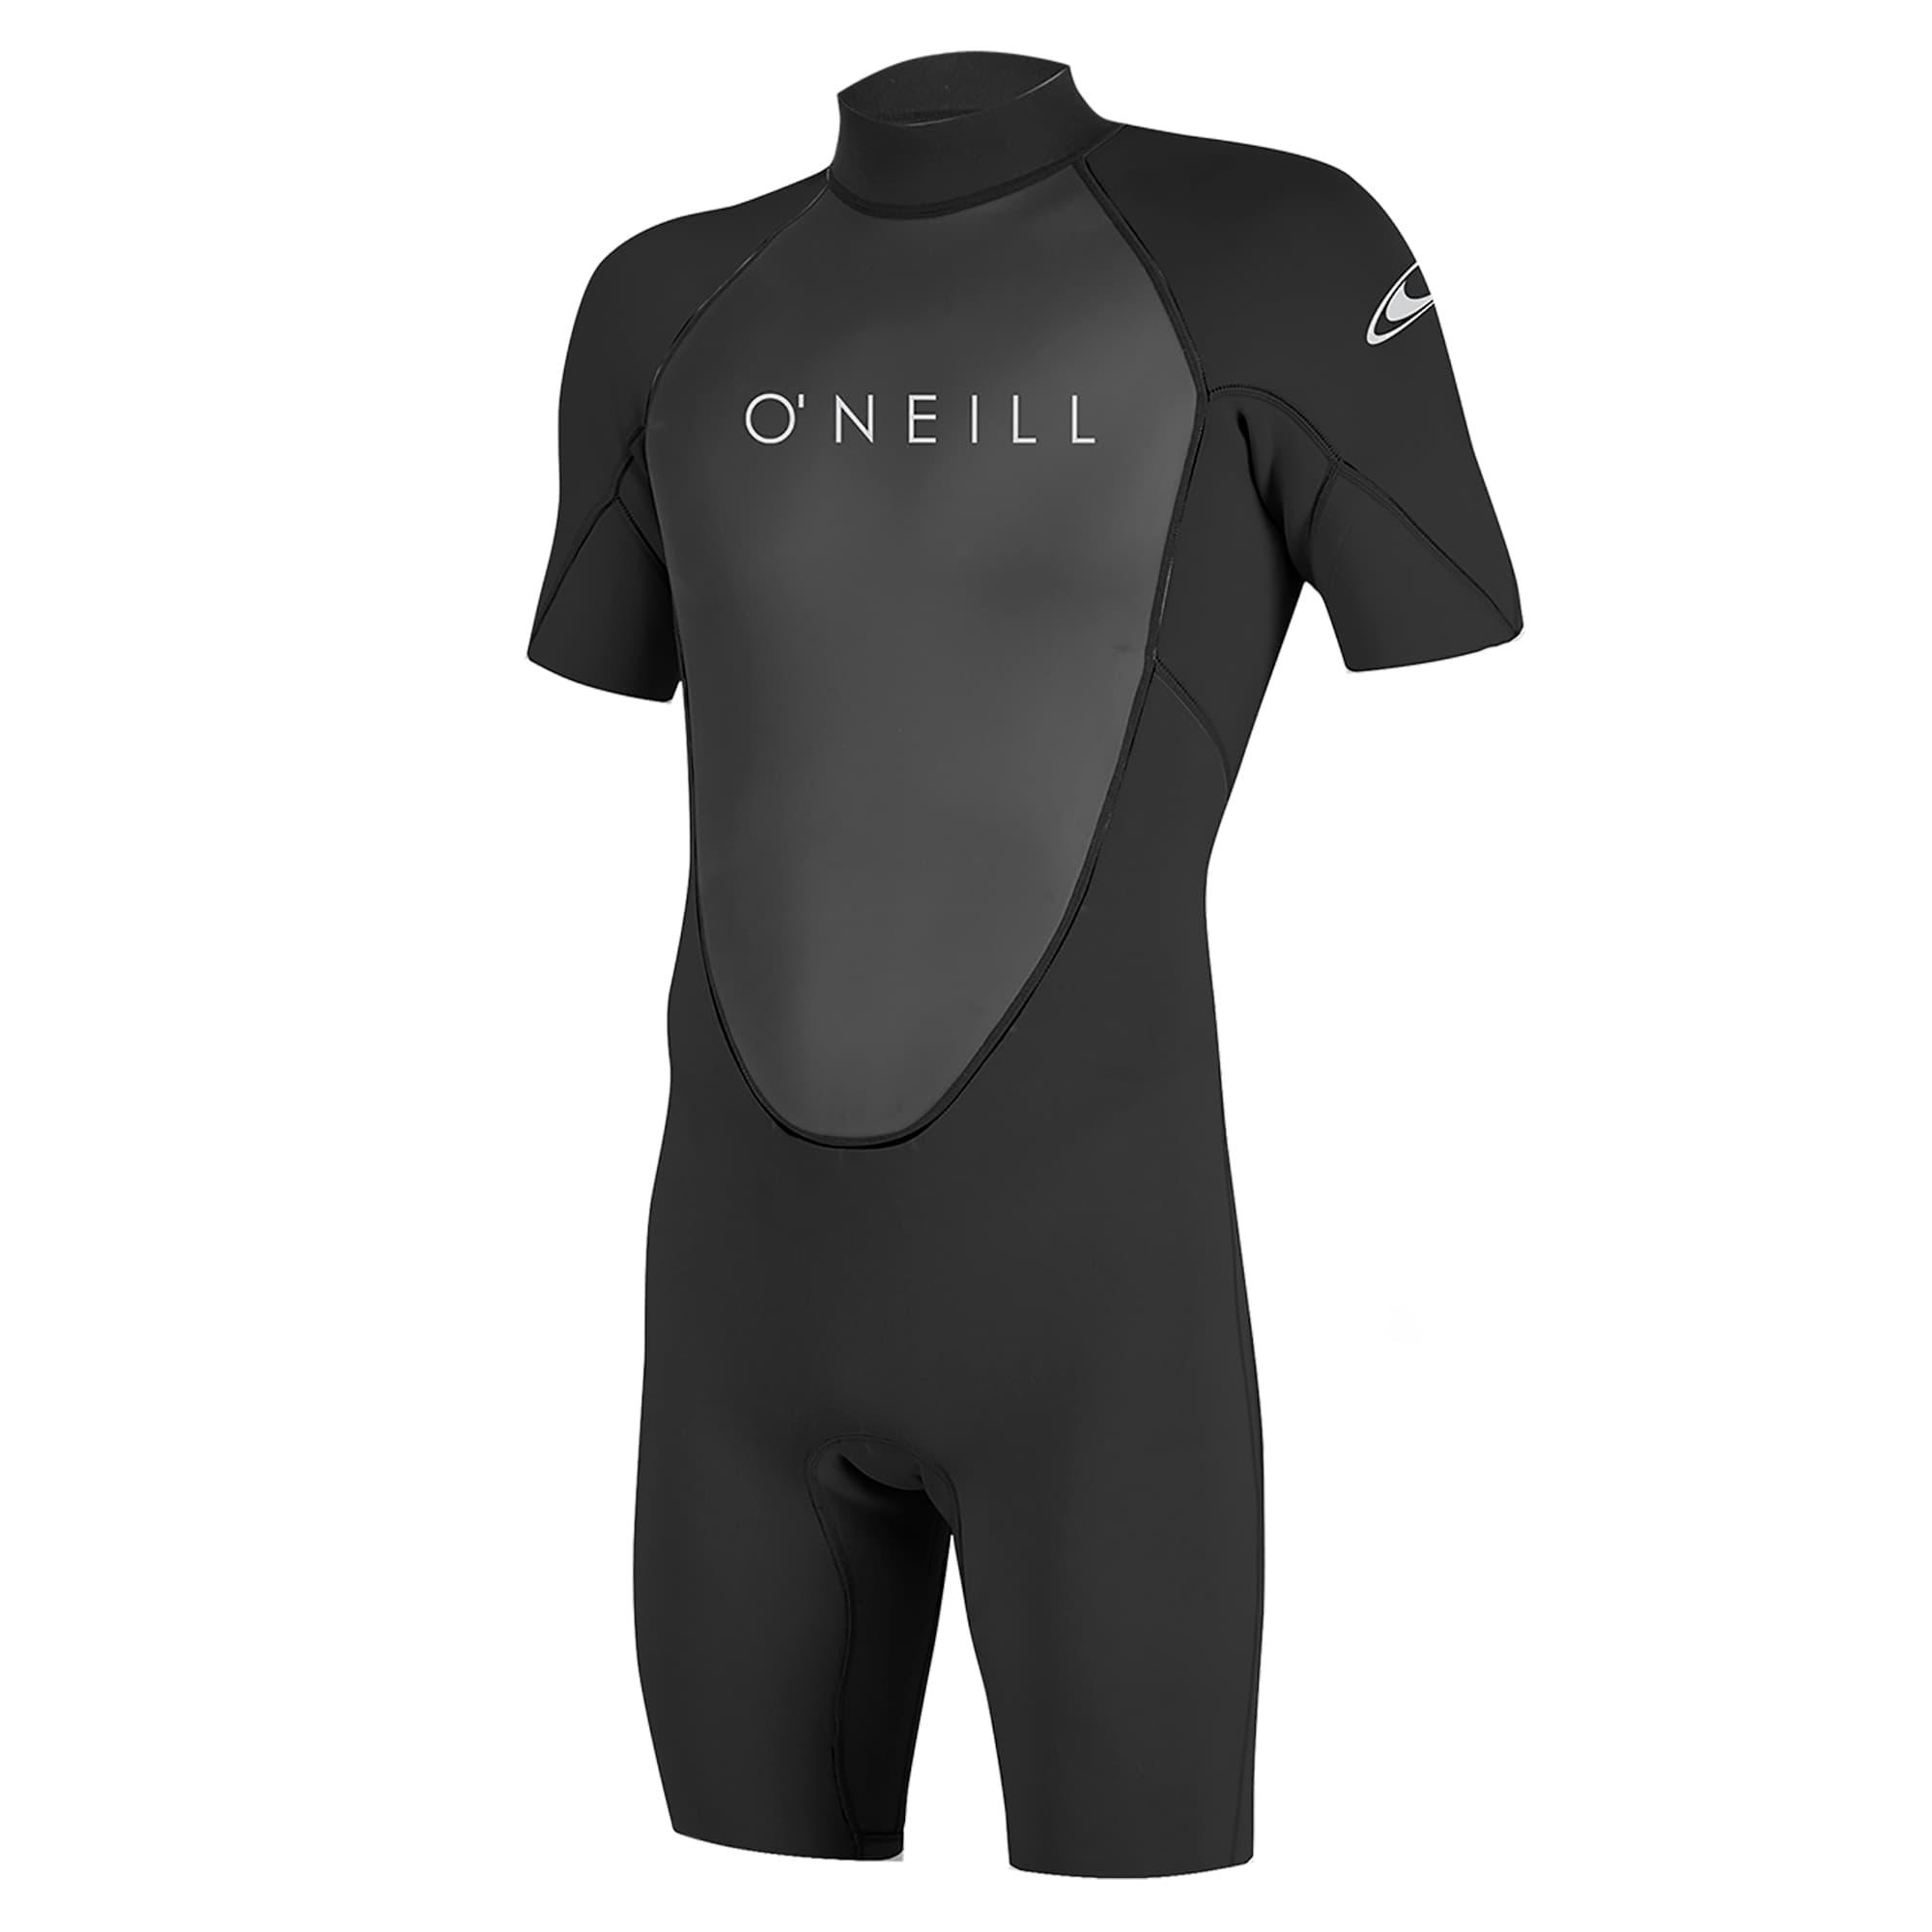 O'Neill Reactor 2mm Wetsuit